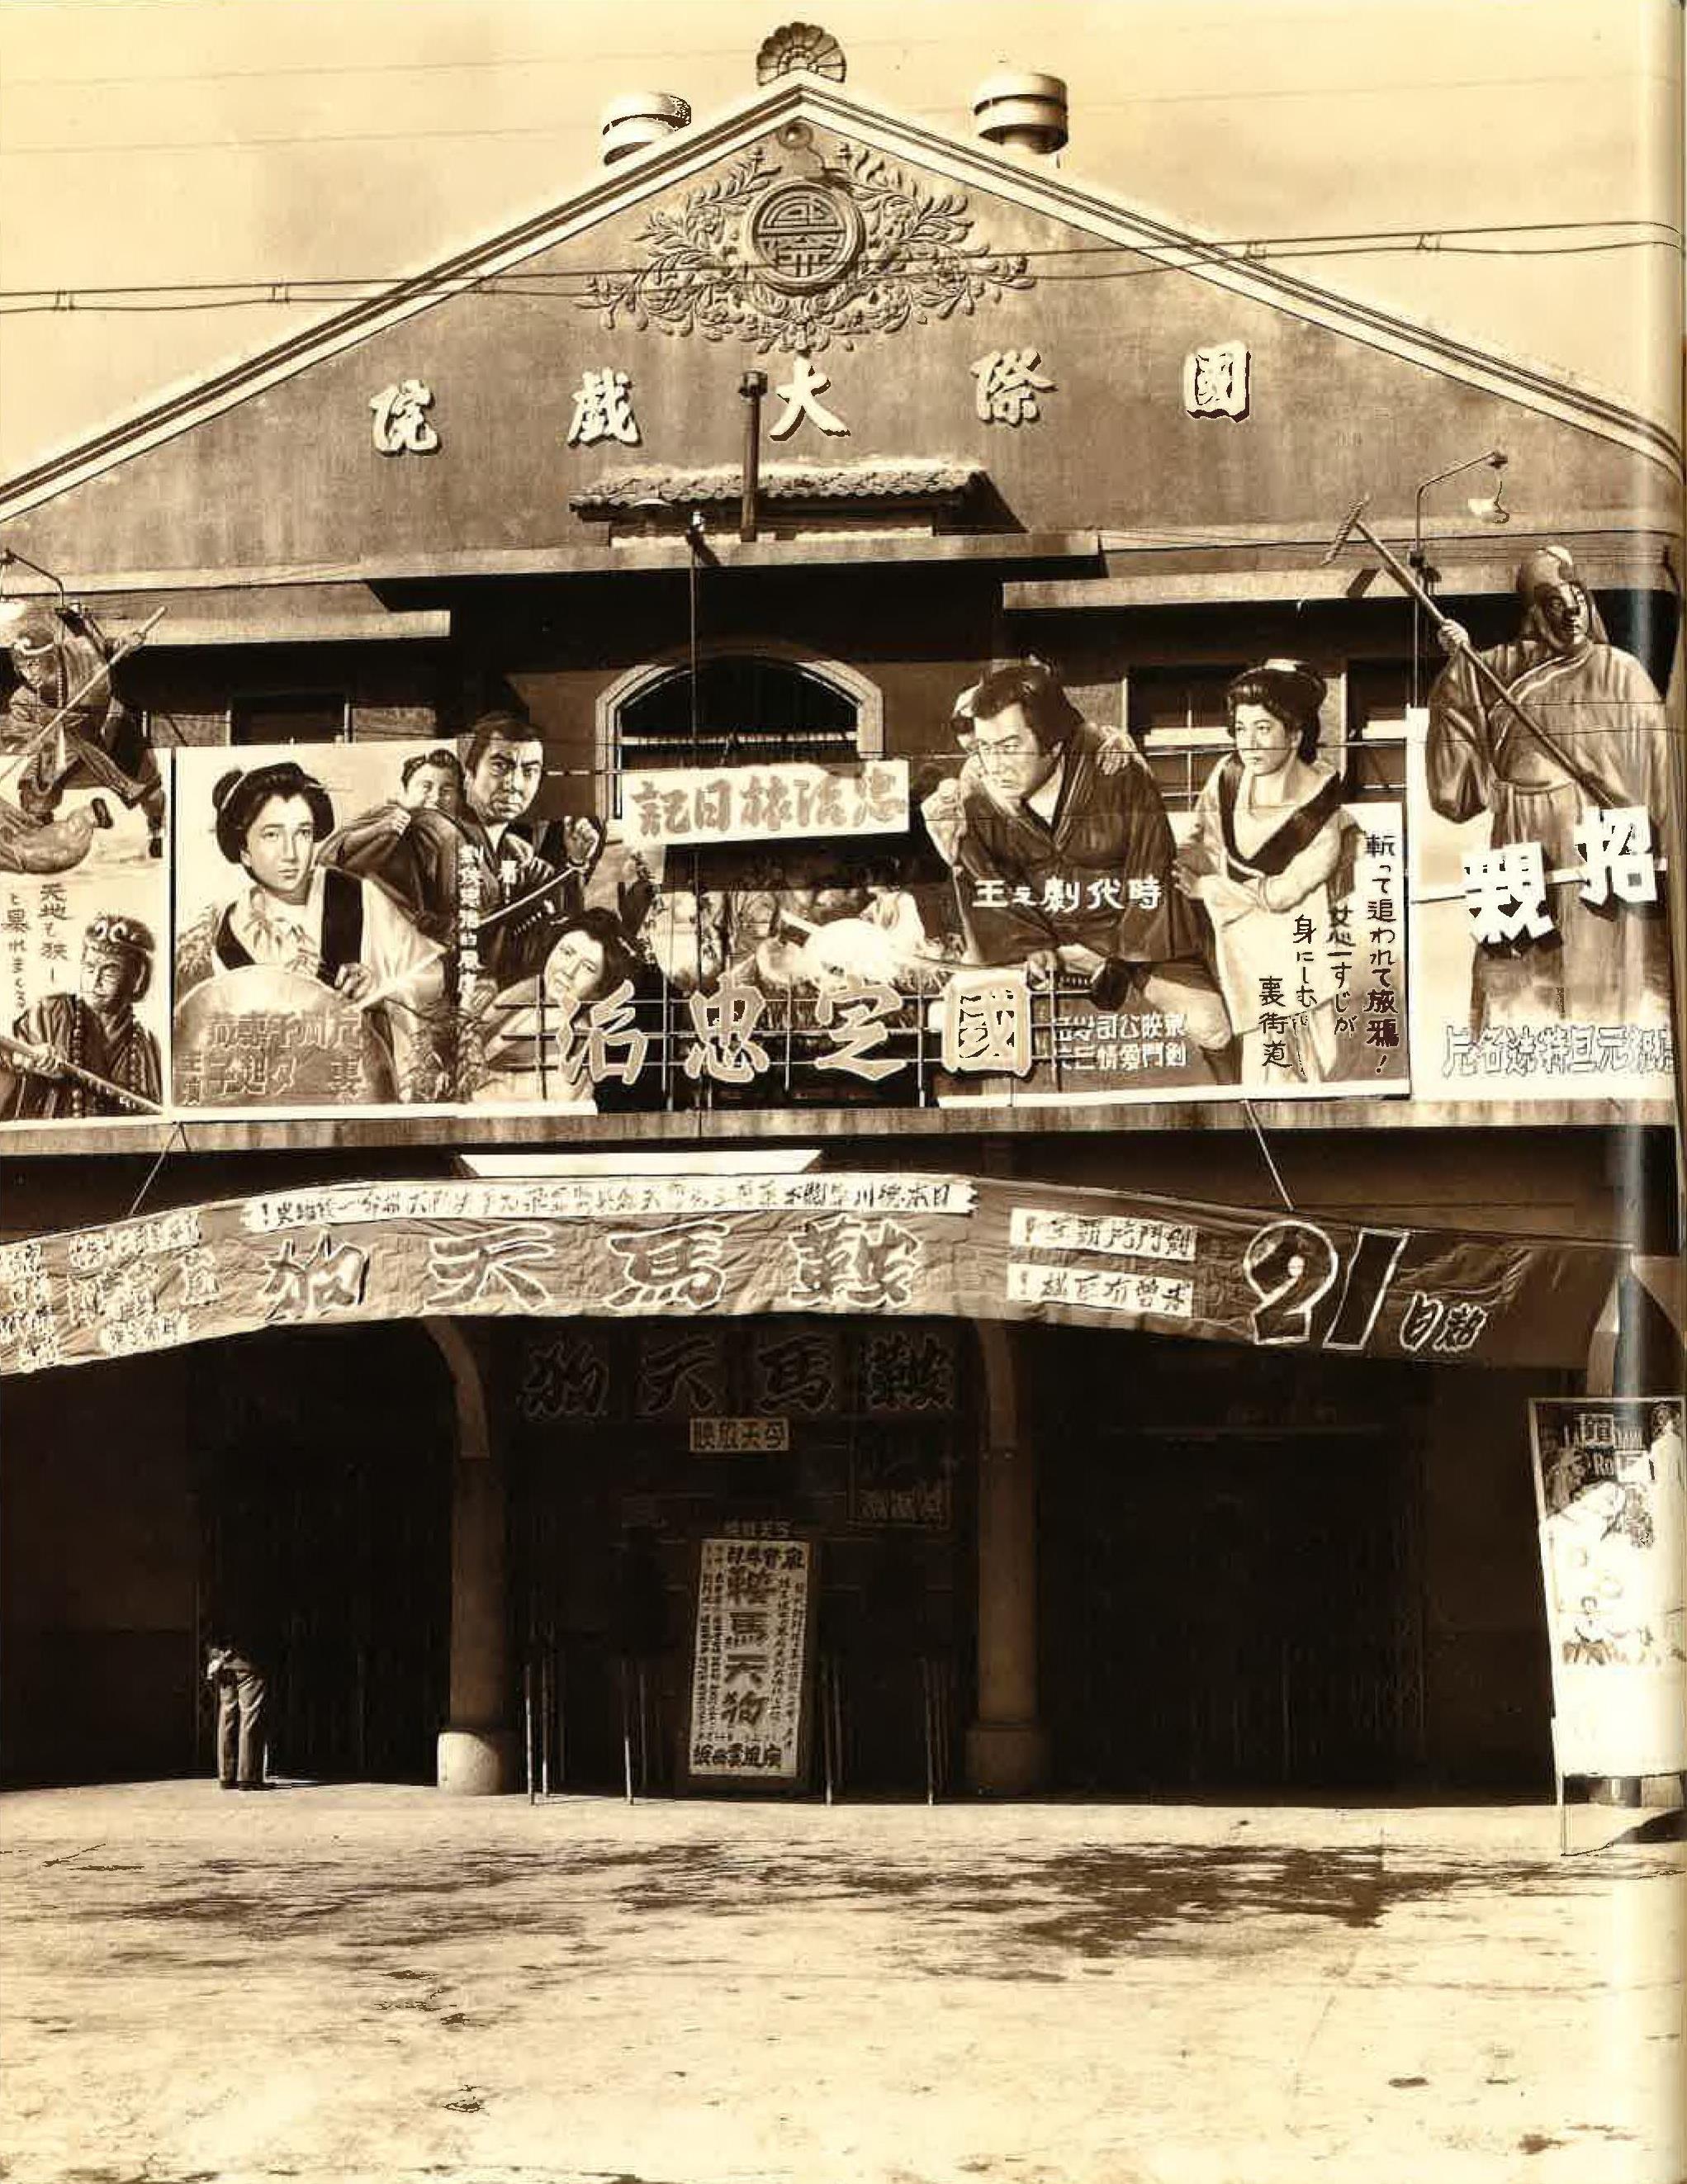 照片:昔日高雄鹽埕國際戲院外頭掛著鞍馬天狗彩帶,取自《高雄老舊電影院探索》